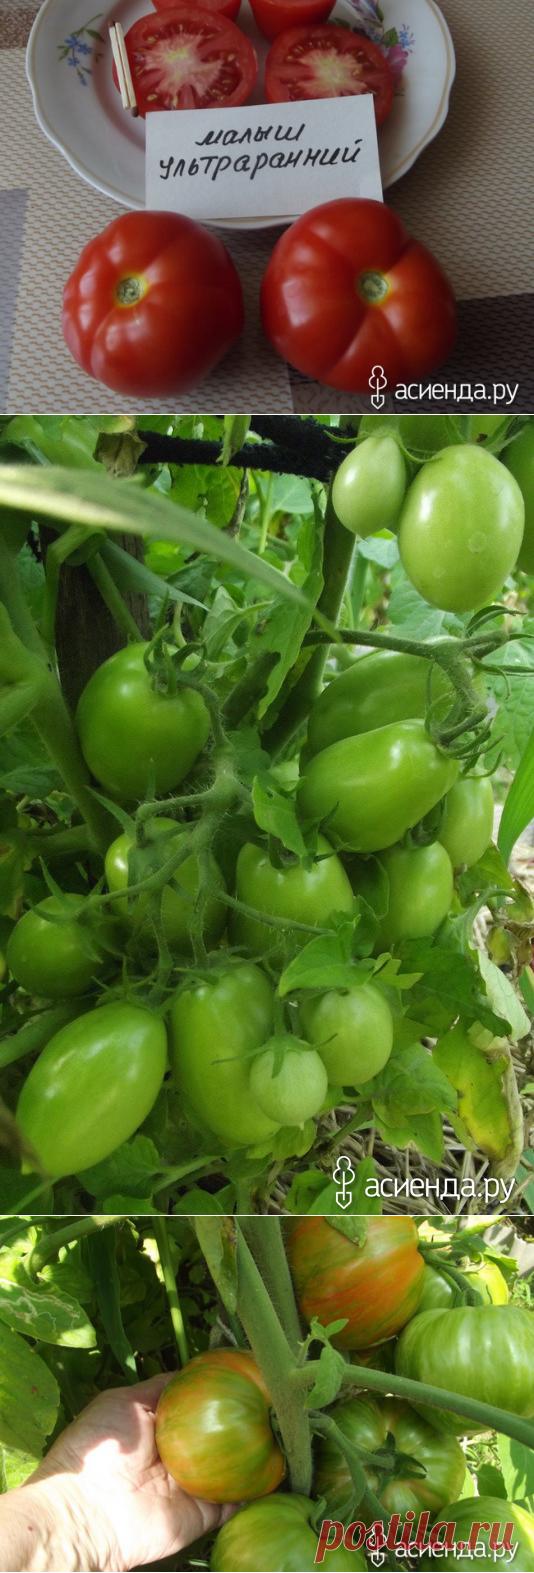 Оценка ранним сортам помидор. Ультраранний Малыш. Челнок.: Группа Органическое земледелие